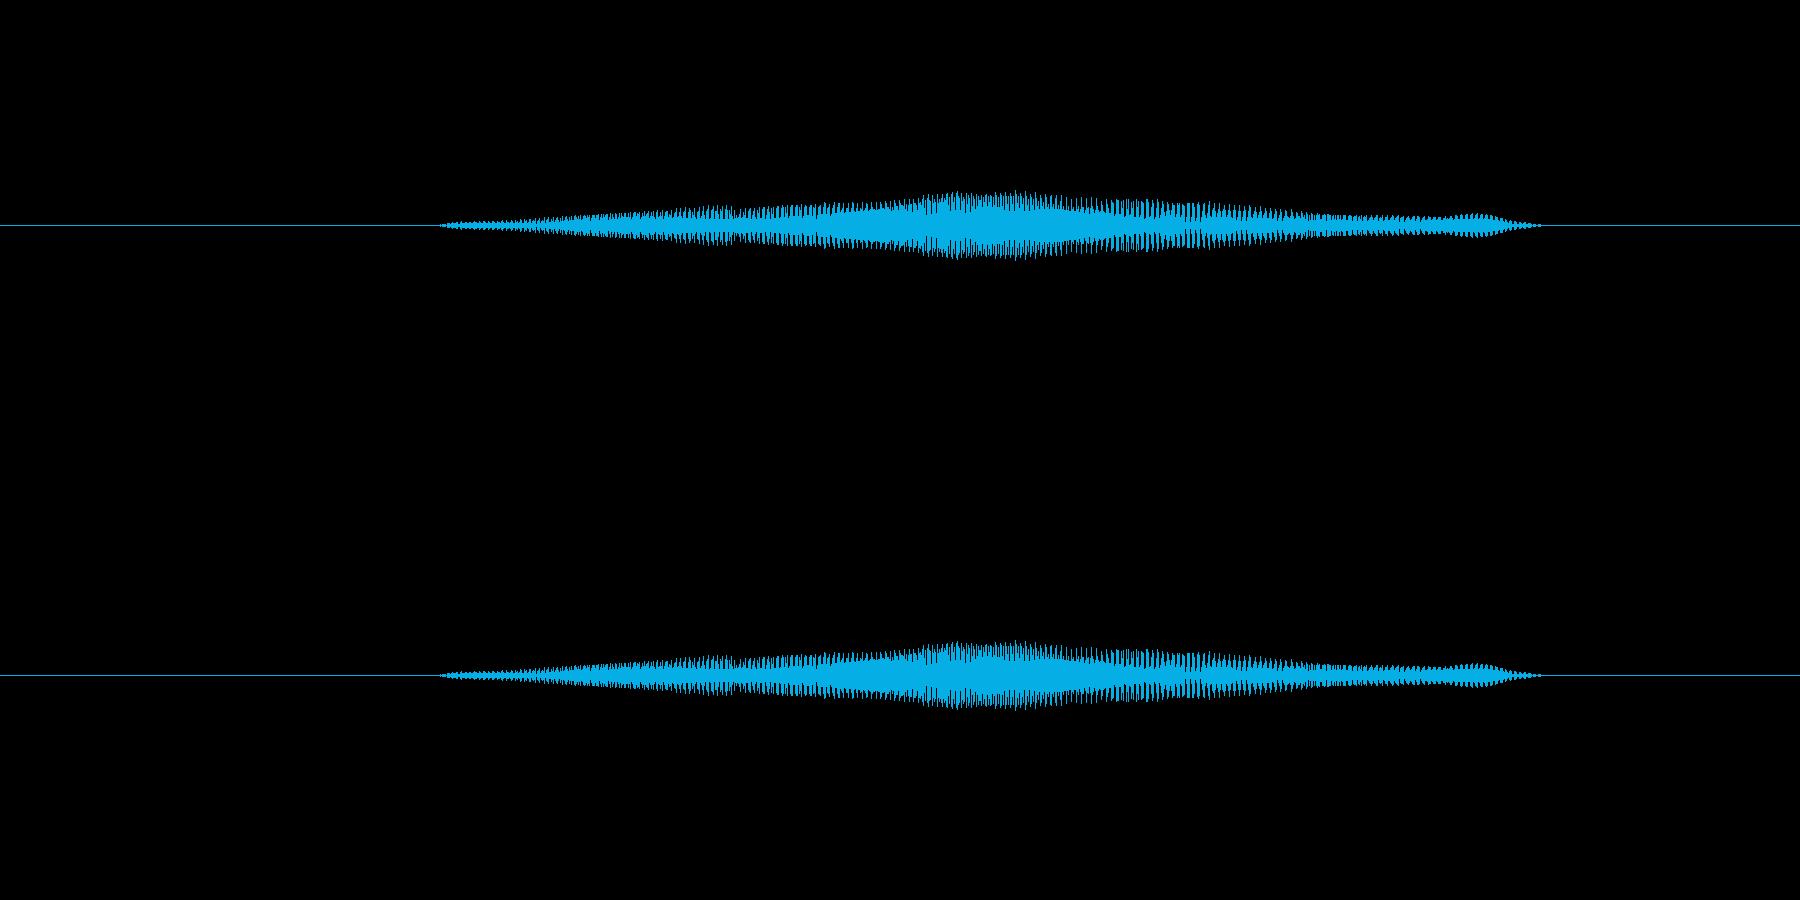 ニャー_猫声-01の再生済みの波形